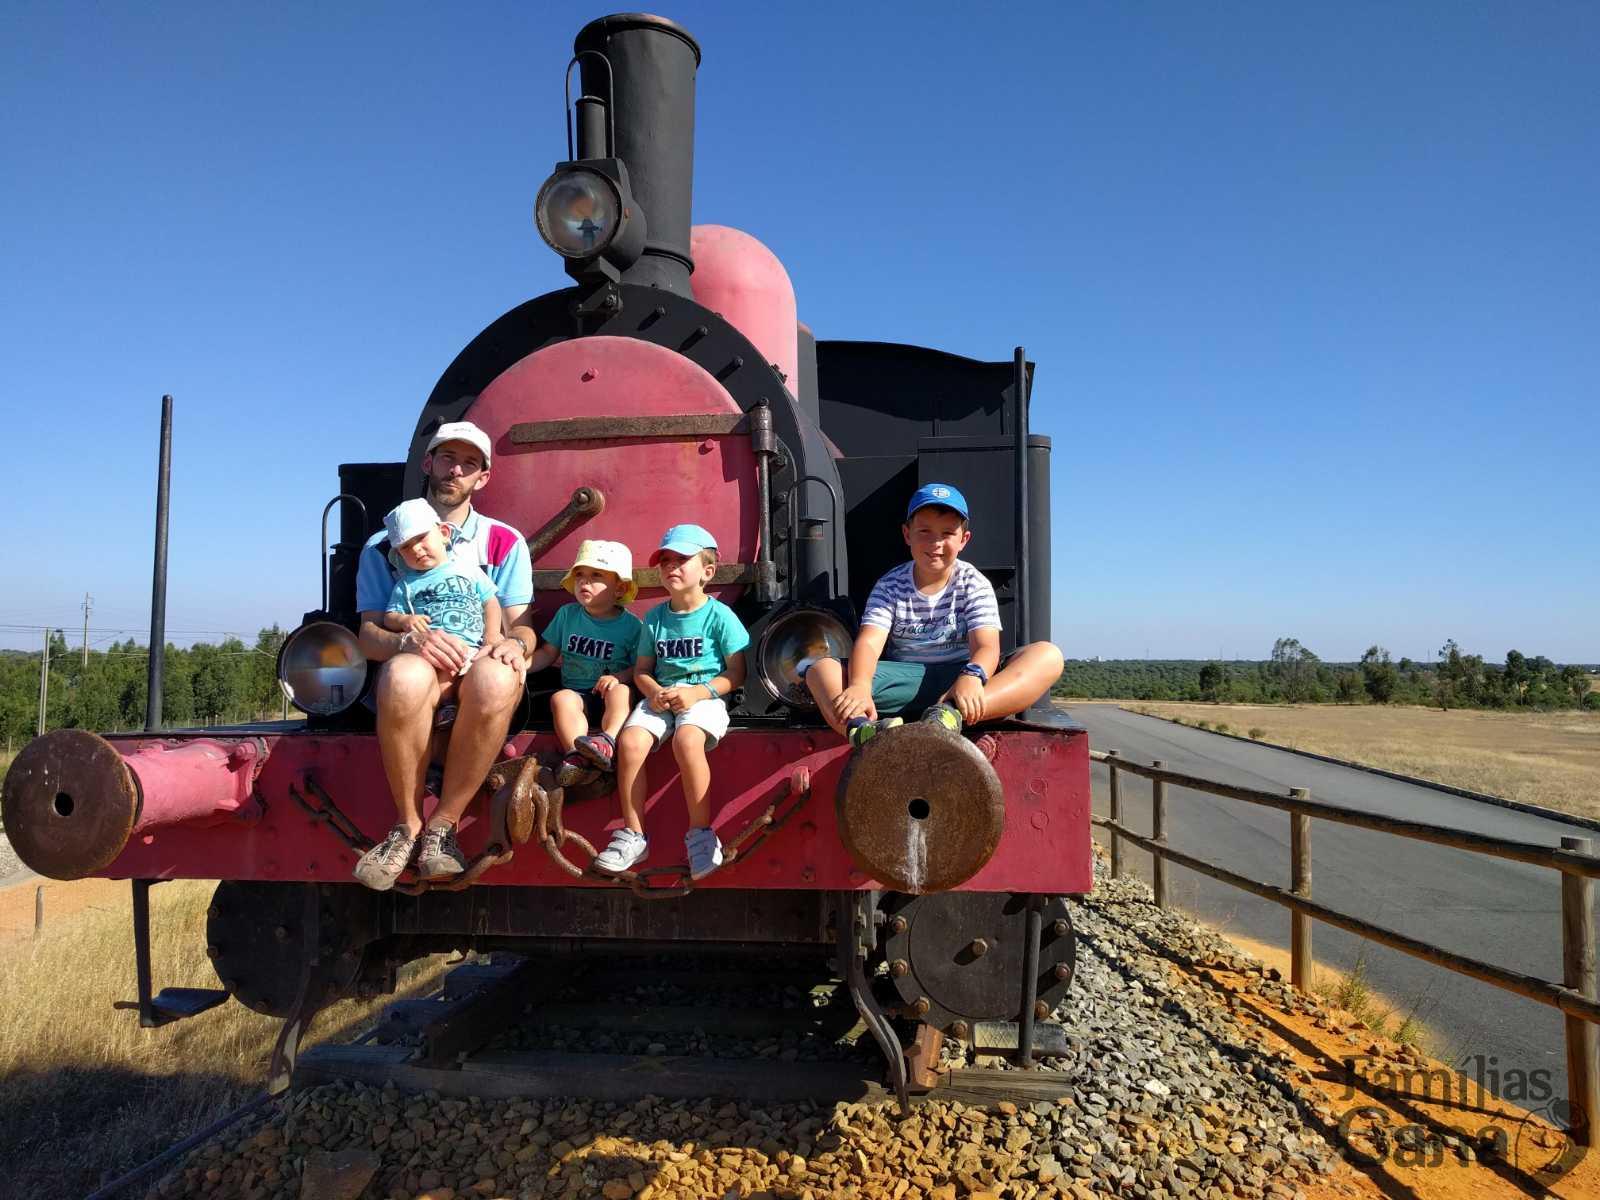 Apanhámos o comboio para a santidade em família!